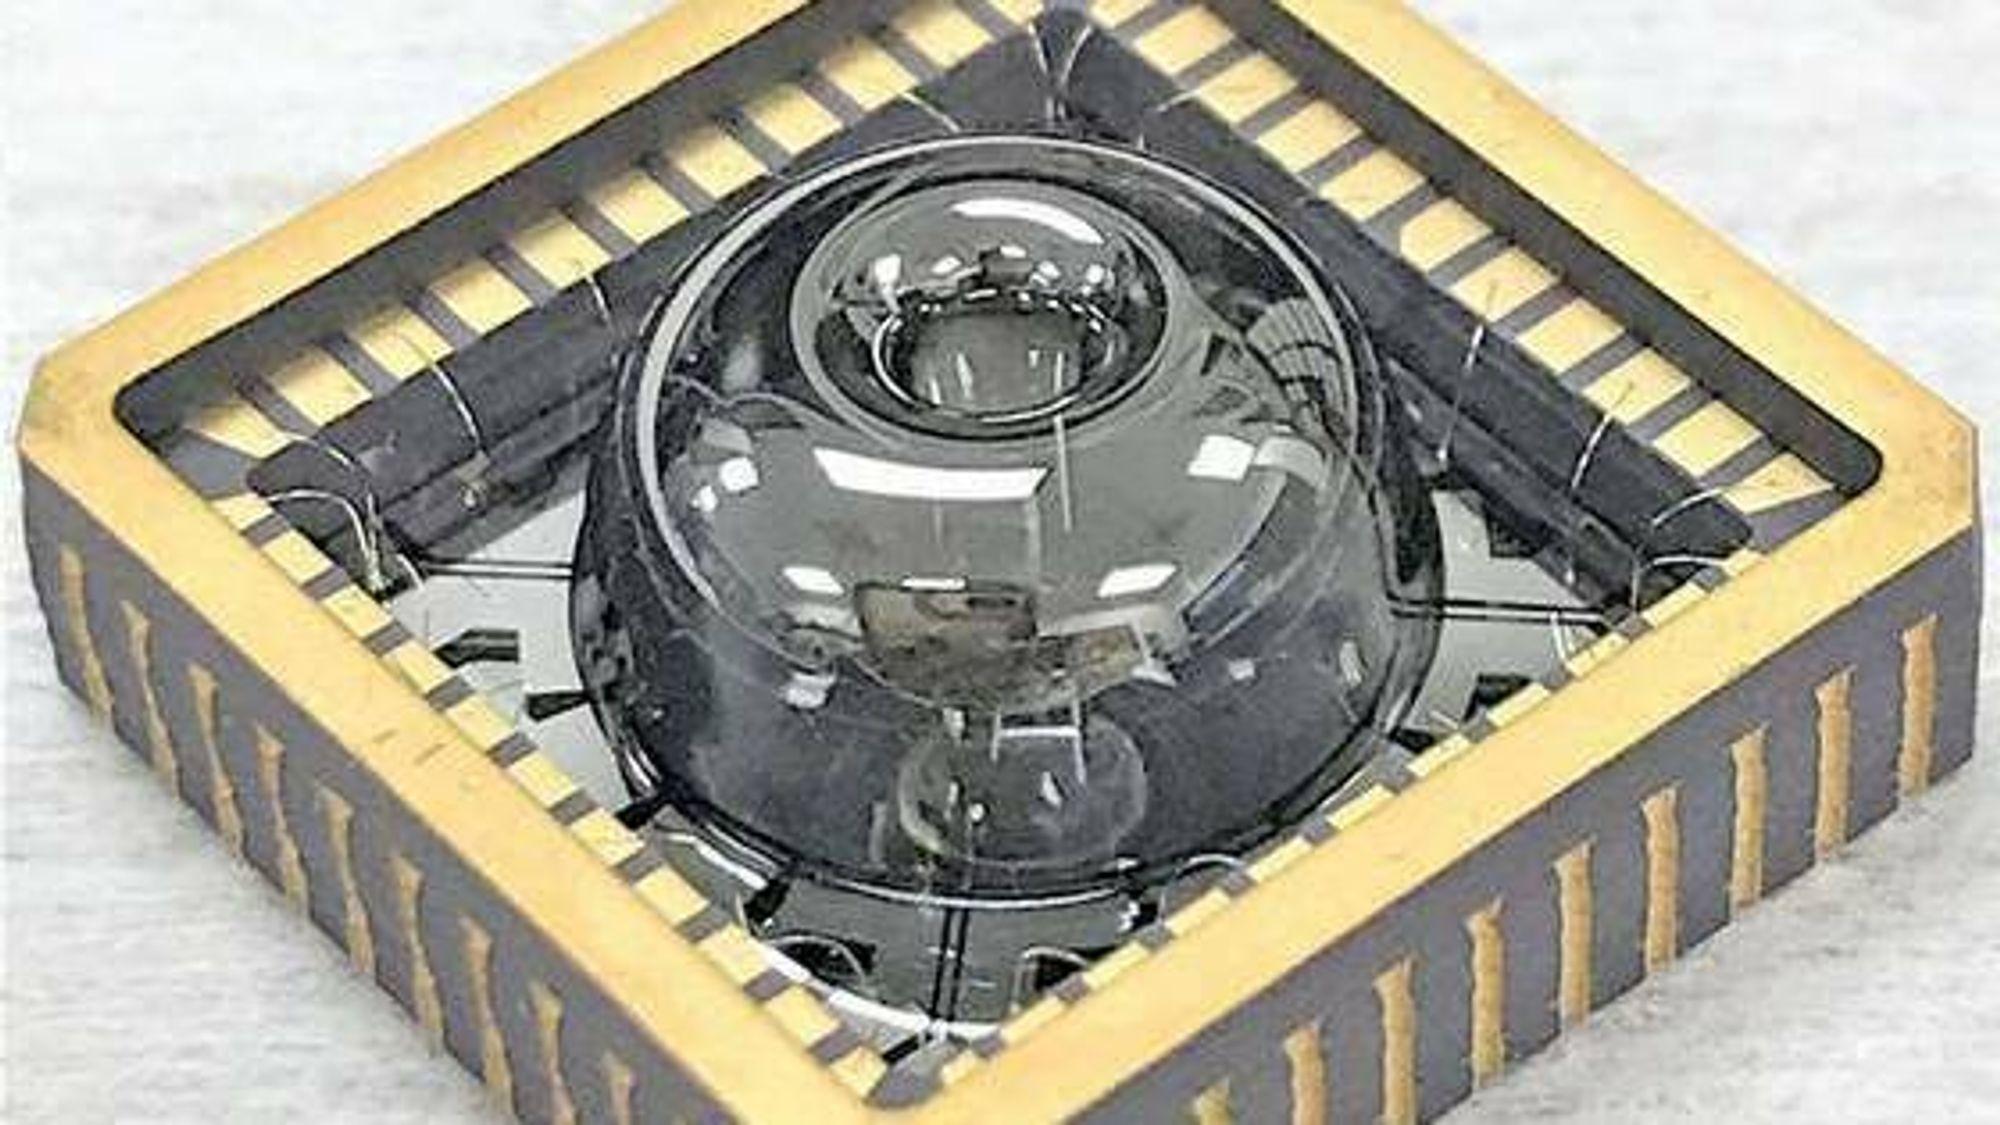 Ekstremt nøyaktig gyroskop gjør autonome biler bedre